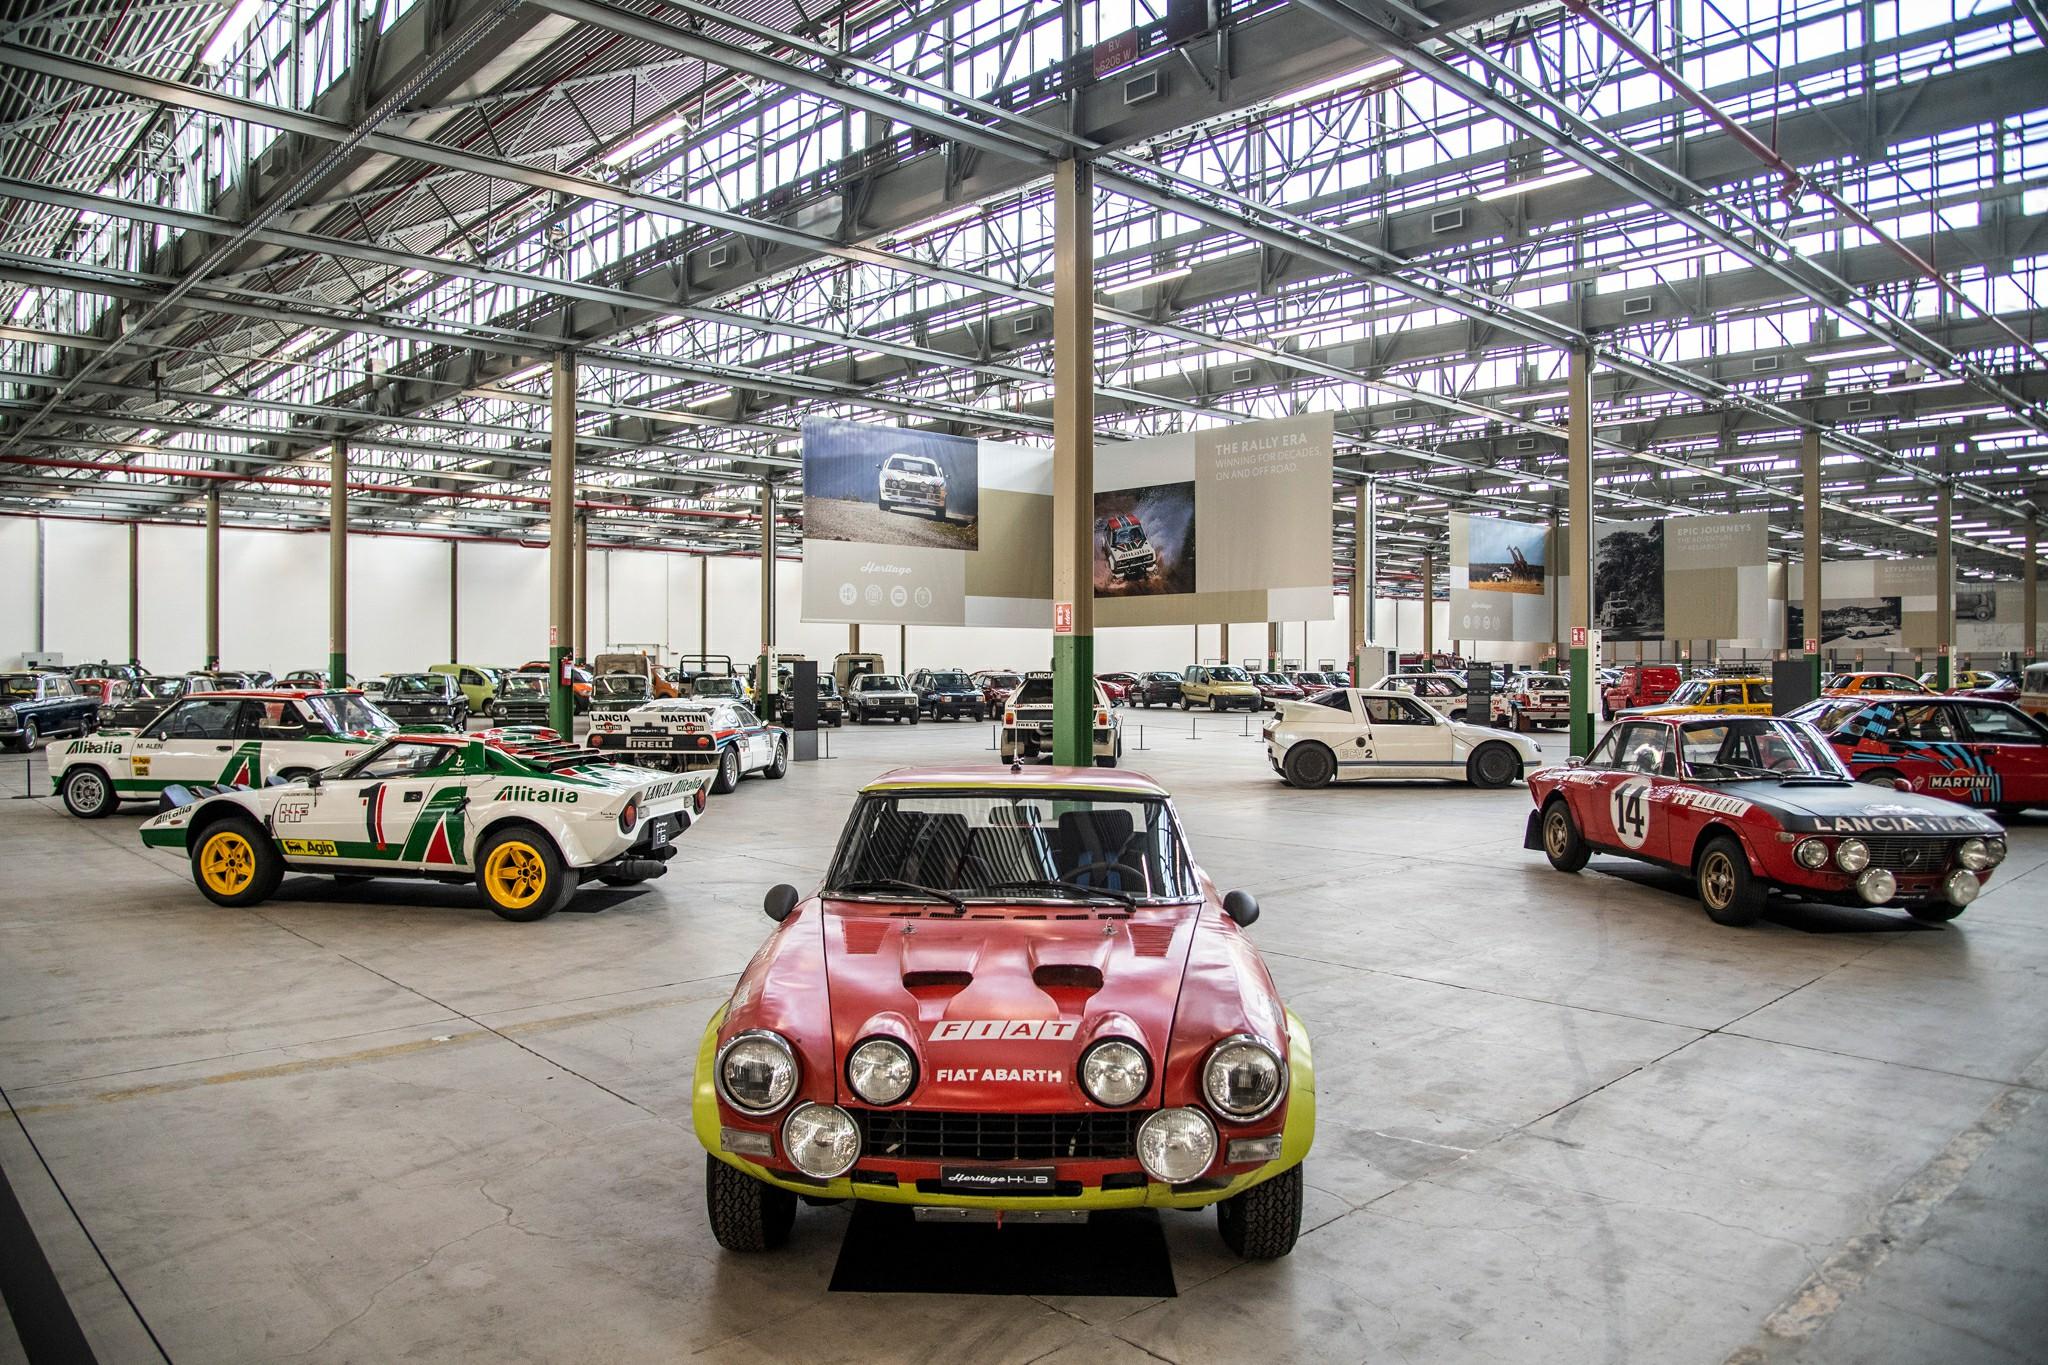 No novo FCA Heritage HUB, Fiat, Lancia, Abarth e Alfa Romeo reúnem mais de 250 veículos, e alguns deles nunca foram expostos ao público antes.